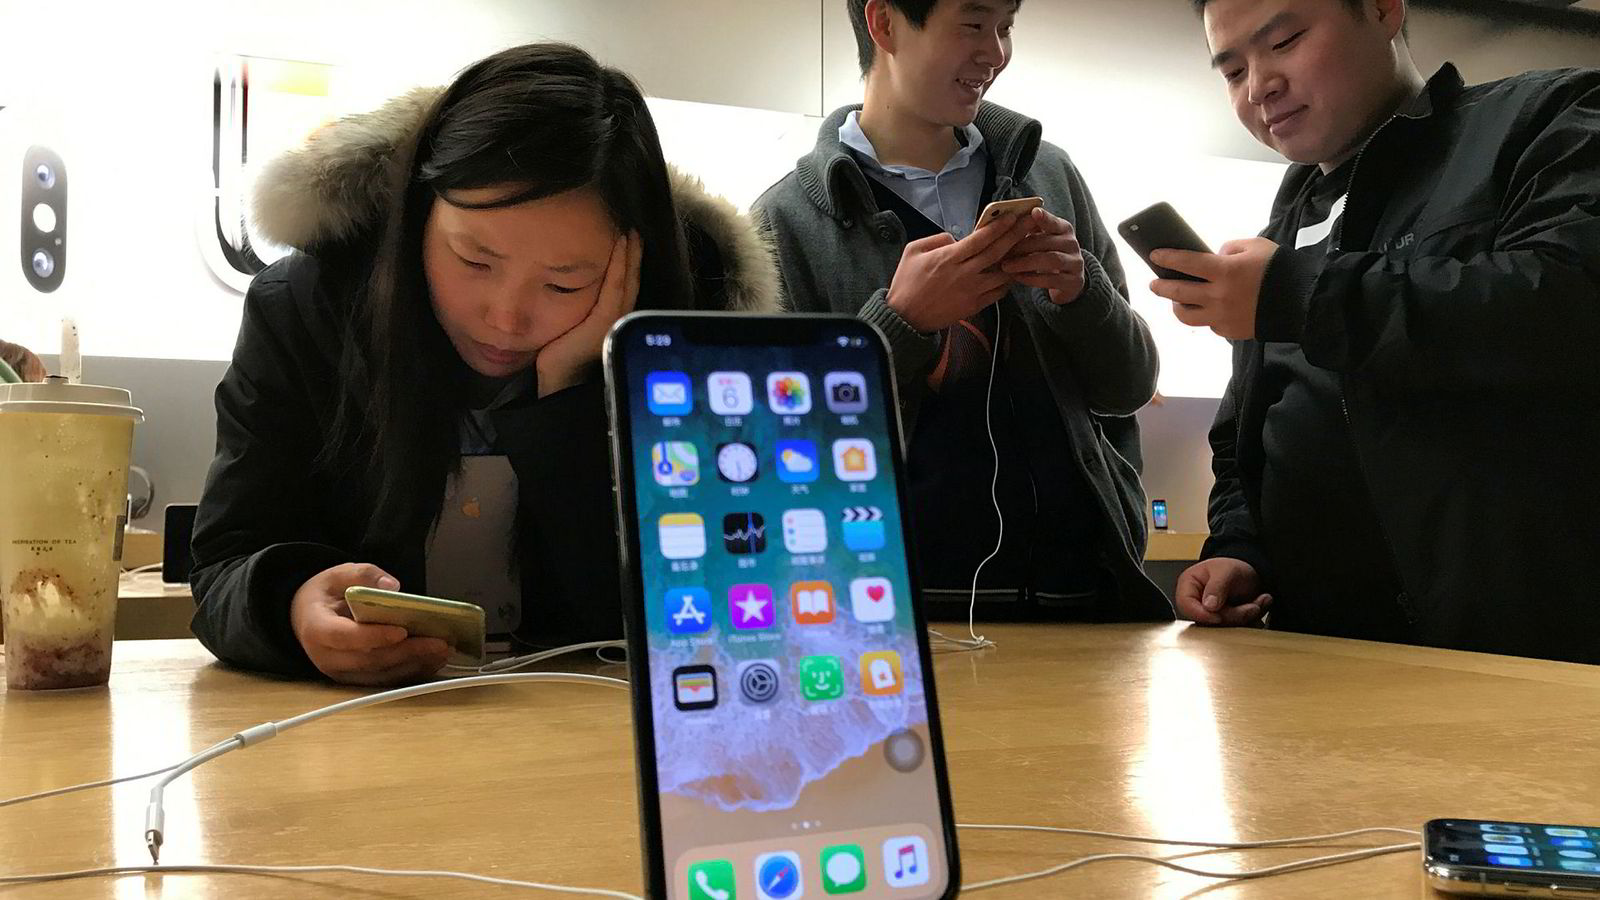 Kina har sørget for høy vekst for Apple i flere år. Markedet er mettet og lokale smarttelefonprodusenter tar markedsandeler fra Apple. Huawei har gått forbi Apple og blitt verdens nest største smarttelefonprodusent.